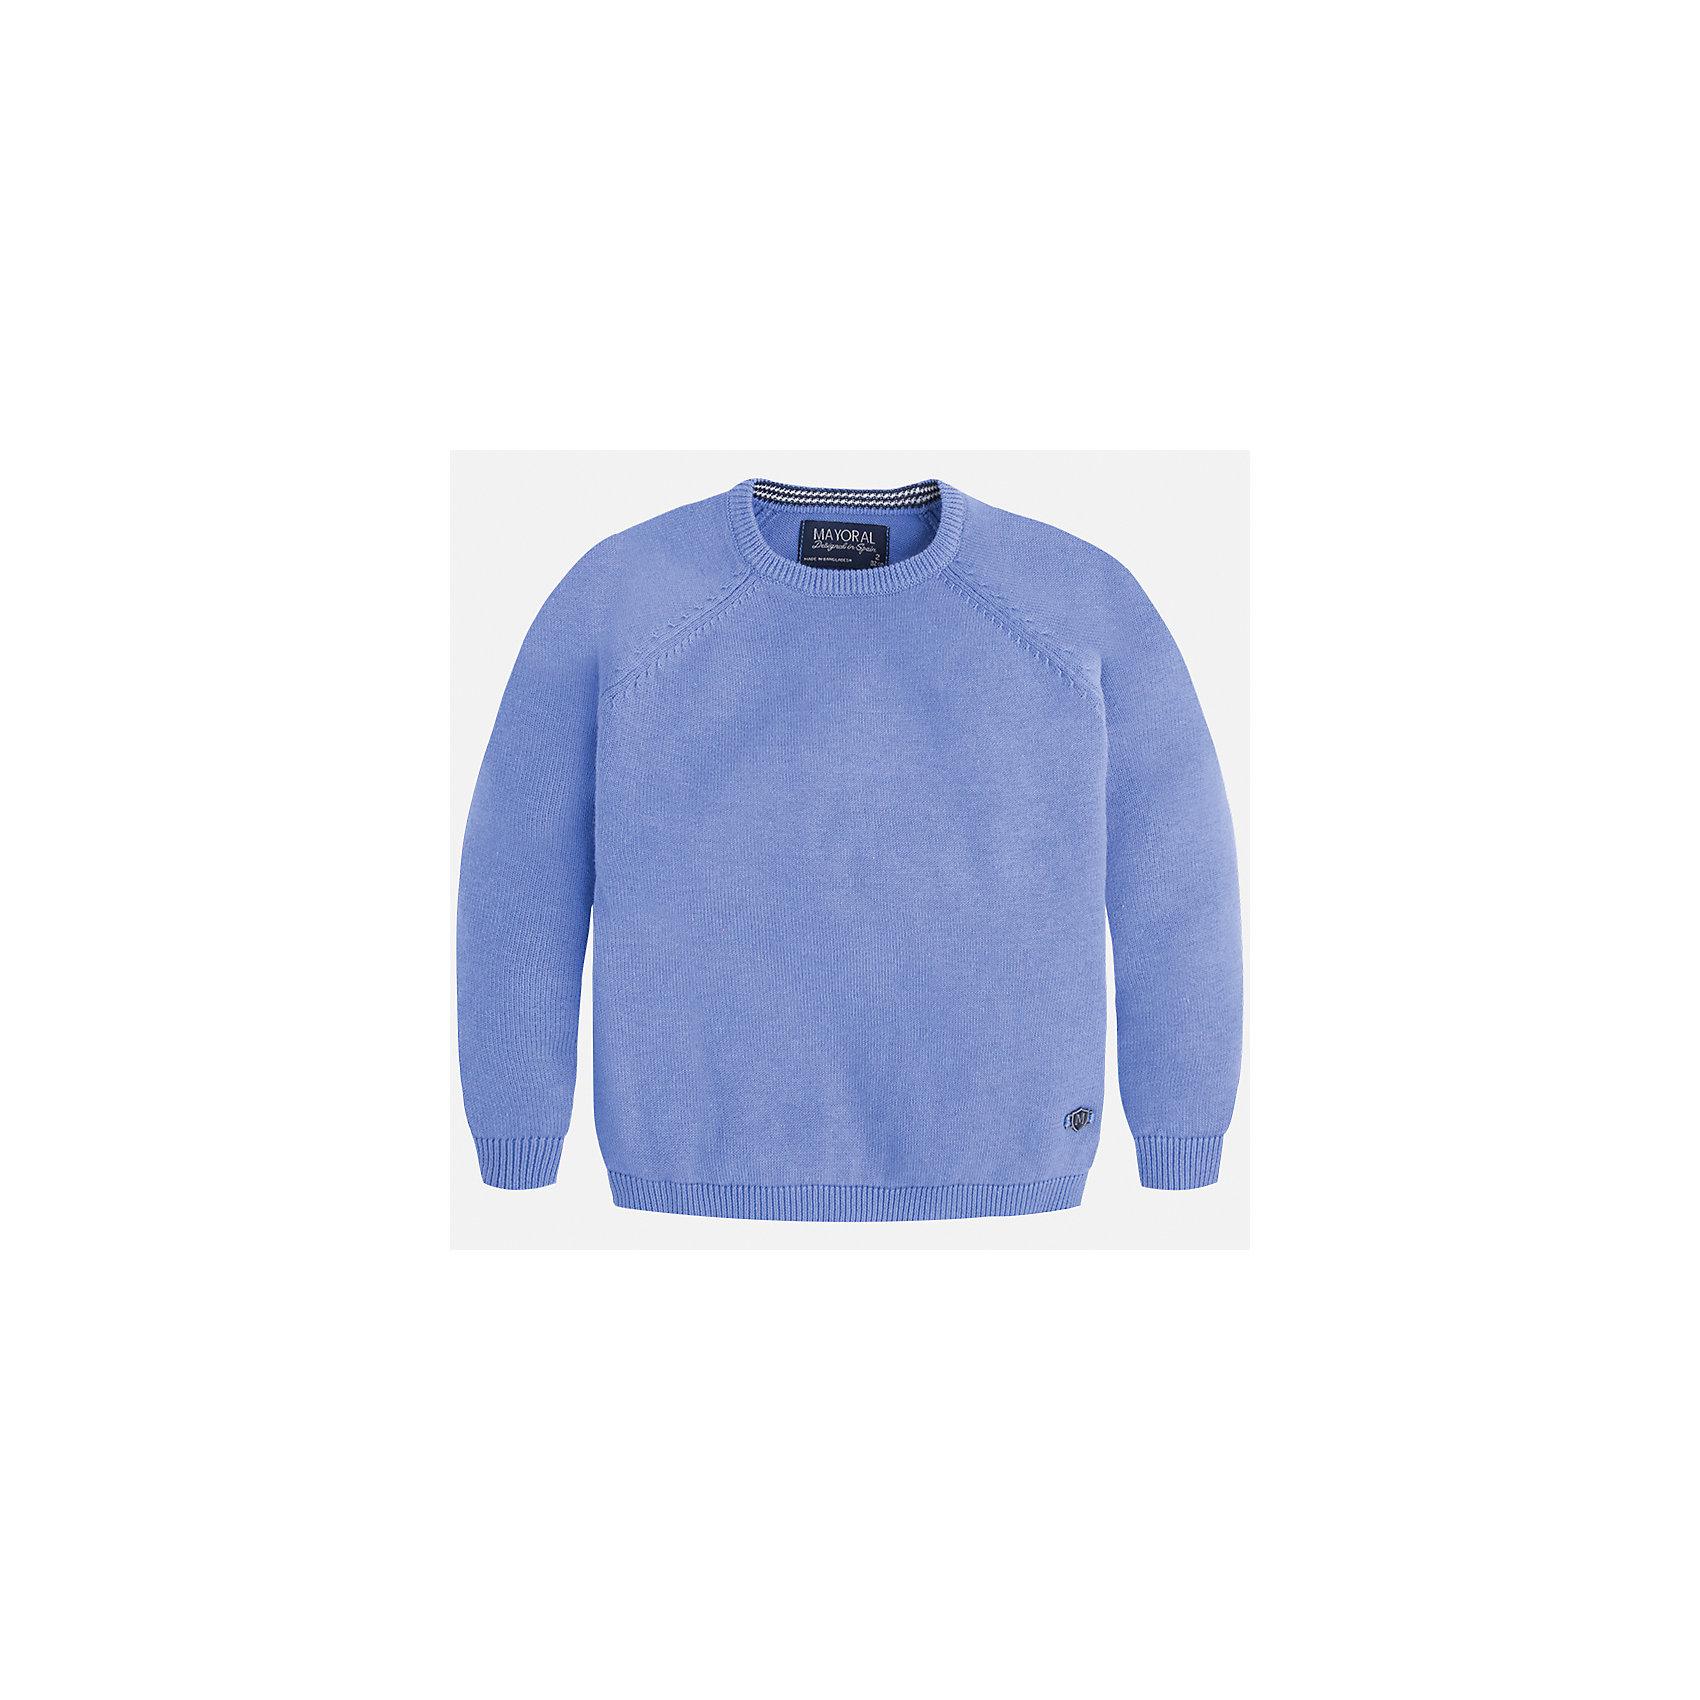 Свитер для мальчика MayoralСвитера и кардиганы<br>Характеристики товара:<br><br>• цвет: голубой<br>• состав: 60% хлопок, 30% полиэстер, 10% шерсть<br>• рукава длинные <br>• округлая горловина<br>• манжеты<br>• страна бренда: Испания<br><br>Удобный и красивый свитер для мальчика поможет разнообразить гардероб ребенка и обеспечить тепло. Он отлично сочетается и с джинсами, и с брюками. Универсальный цвет позволяет подобрать к вещи низ различных расцветок. Интересная отделка модели делает её нарядной и оригинальной. В составе материала - натуральный хлопок, гипоаллергенный, приятный на ощупь, дышащий.<br><br>Одежда, обувь и аксессуары от испанского бренда Mayoral полюбились детям и взрослым по всему миру. Модели этой марки - стильные и удобные. Для их производства используются только безопасные, качественные материалы и фурнитура. Порадуйте ребенка модными и красивыми вещами от Mayoral! <br><br>Свитер для мальчика от испанского бренда Mayoral (Майорал) можно купить в нашем интернет-магазине.<br><br>Ширина мм: 190<br>Глубина мм: 74<br>Высота мм: 229<br>Вес г: 236<br>Цвет: голубой<br>Возраст от месяцев: 72<br>Возраст до месяцев: 84<br>Пол: Мужской<br>Возраст: Детский<br>Размер: 122,104,116,110,134,128,98,92<br>SKU: 5277970